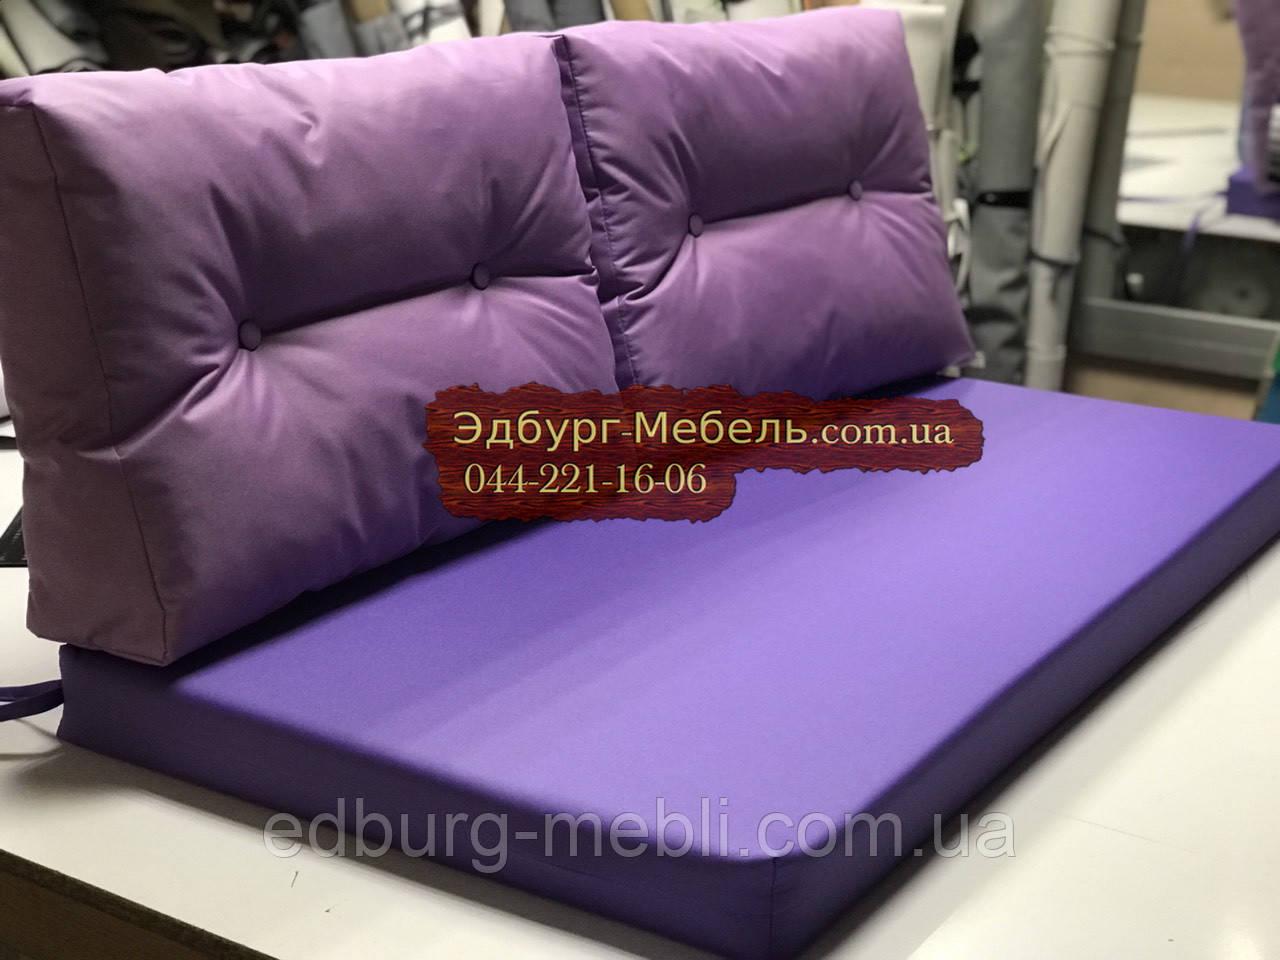 Подушки для кафе для піддонів 120см